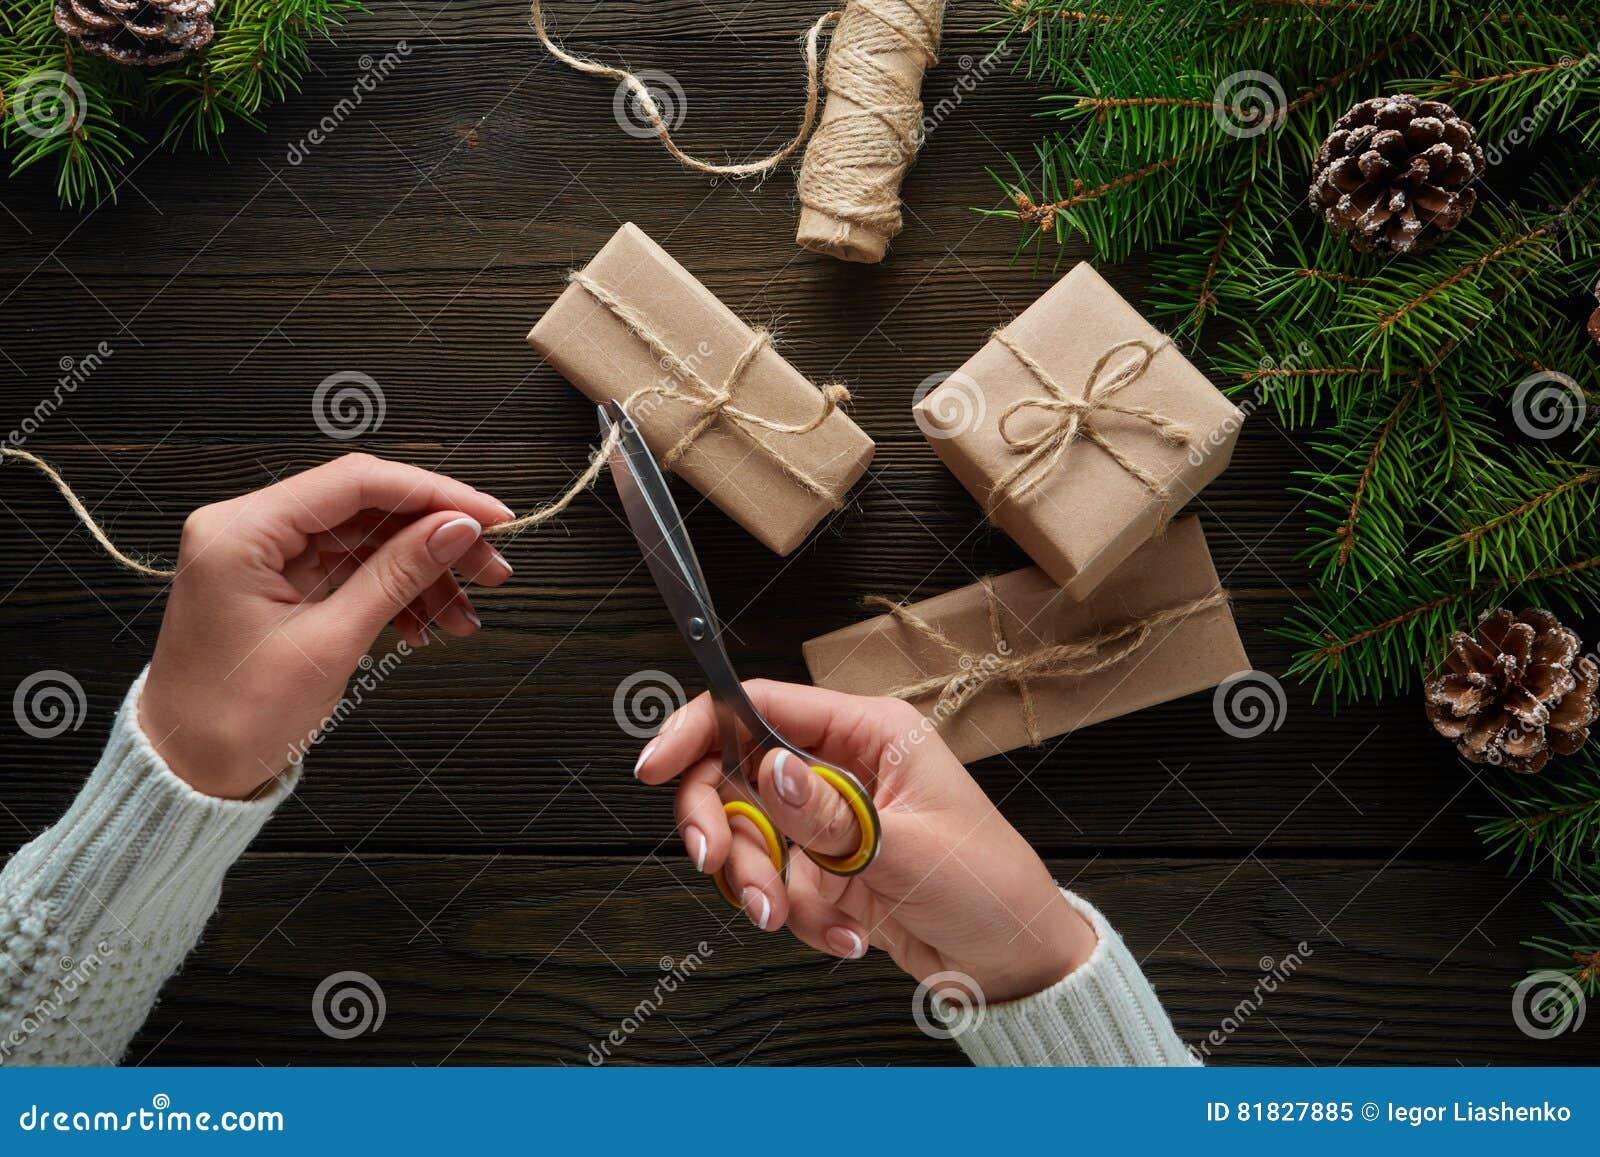 Härliga kvinnlighänder med sax som klipps av repet, julgåvor i brunt kraft papper